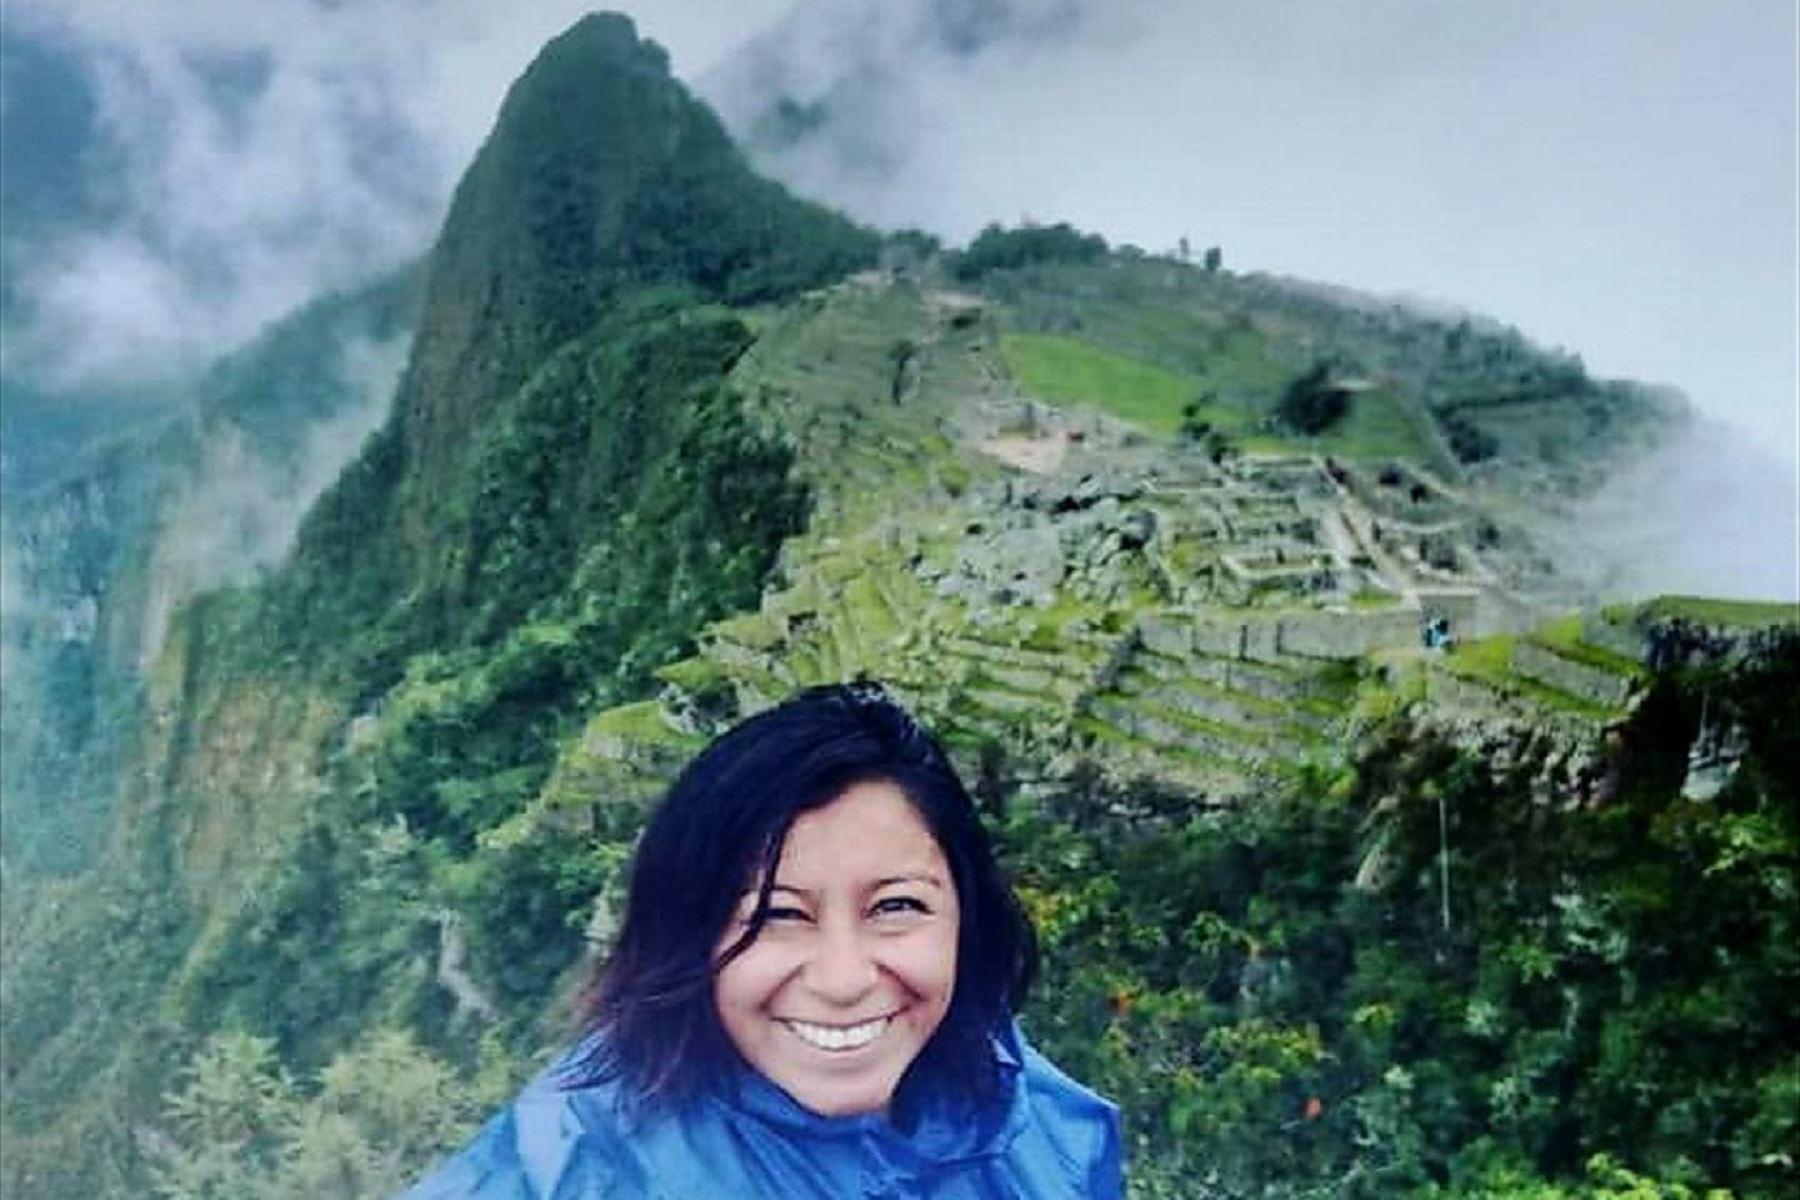 Analizan si restos hallados en Cusco pertenecen a turista desaparecida, Nathaly Salazar.